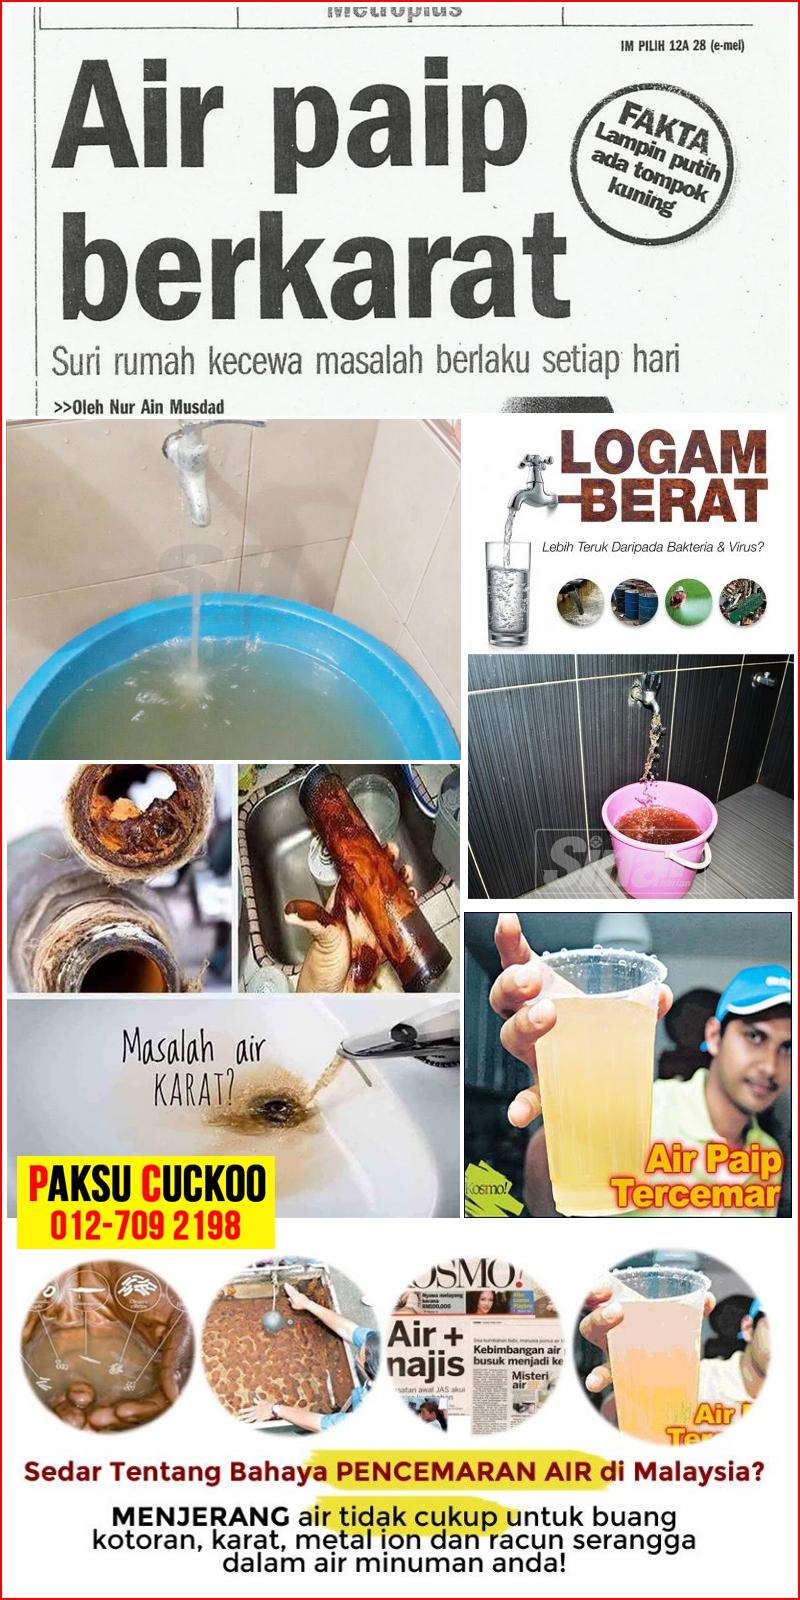 semua rumah di malaysia memerlukan cuckoo outdoor water purifier terengganu kuala terengganu mesin penulen air luar rumah untuk membersihkan air yang masuk ke dalam rumah bersih